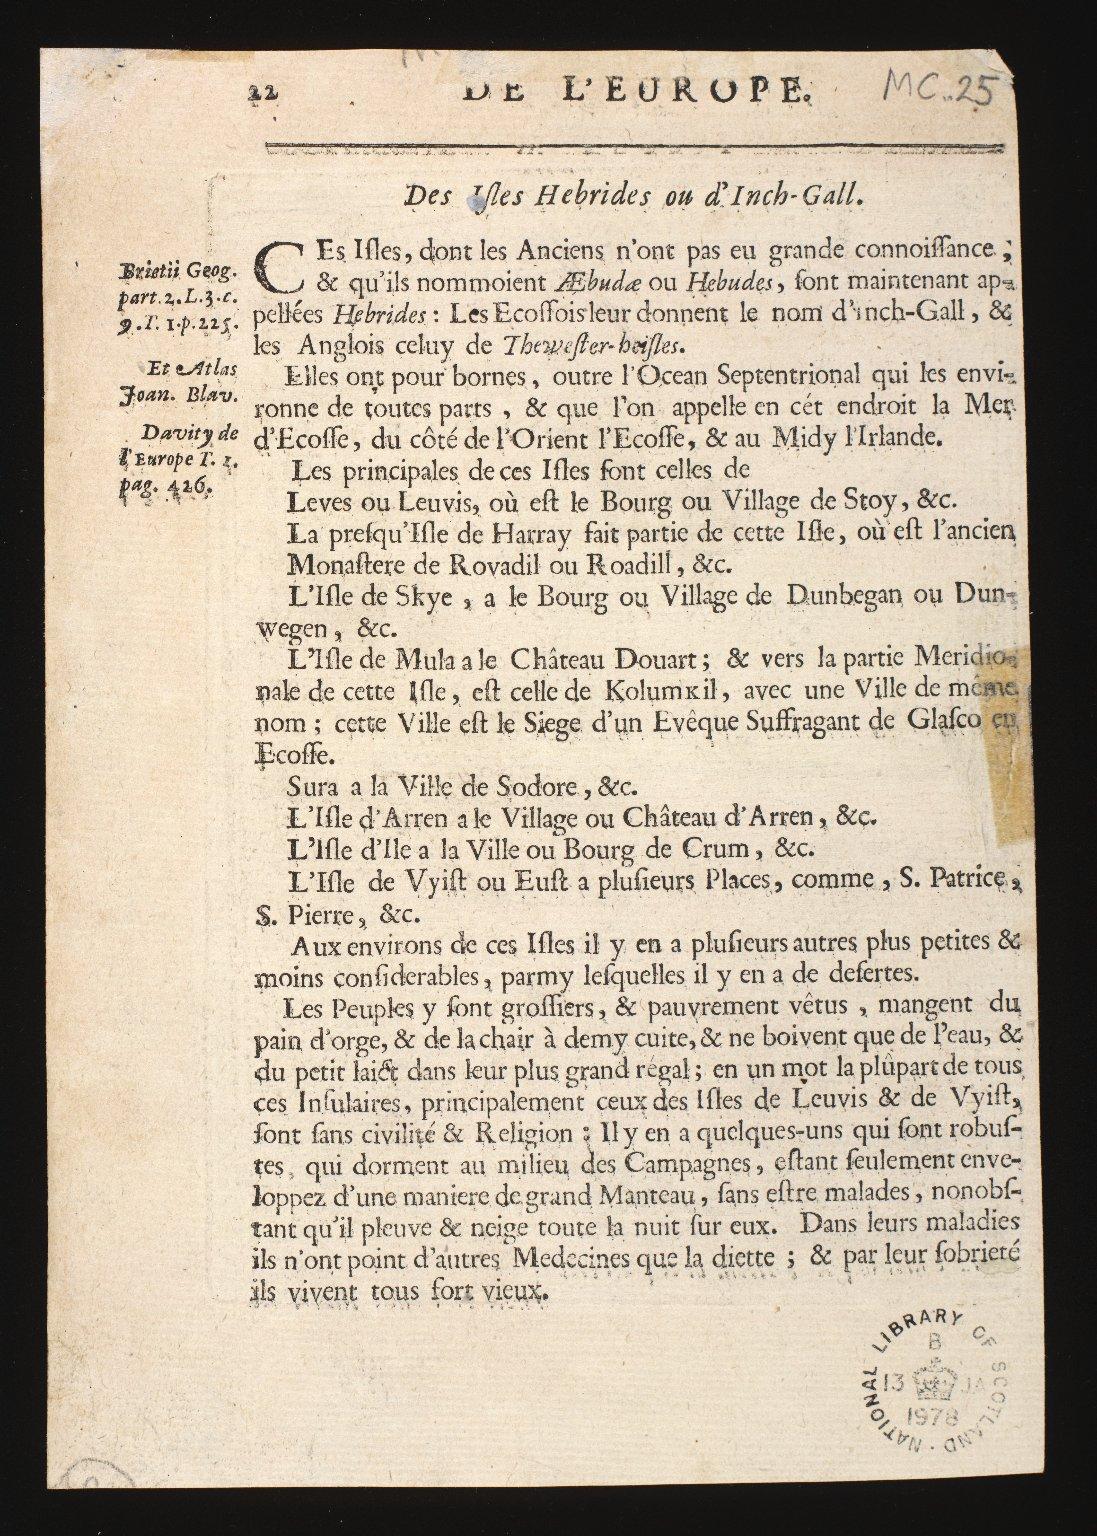 Is de Fero de Scheland, Orknay et Hebrides [2 of 2]